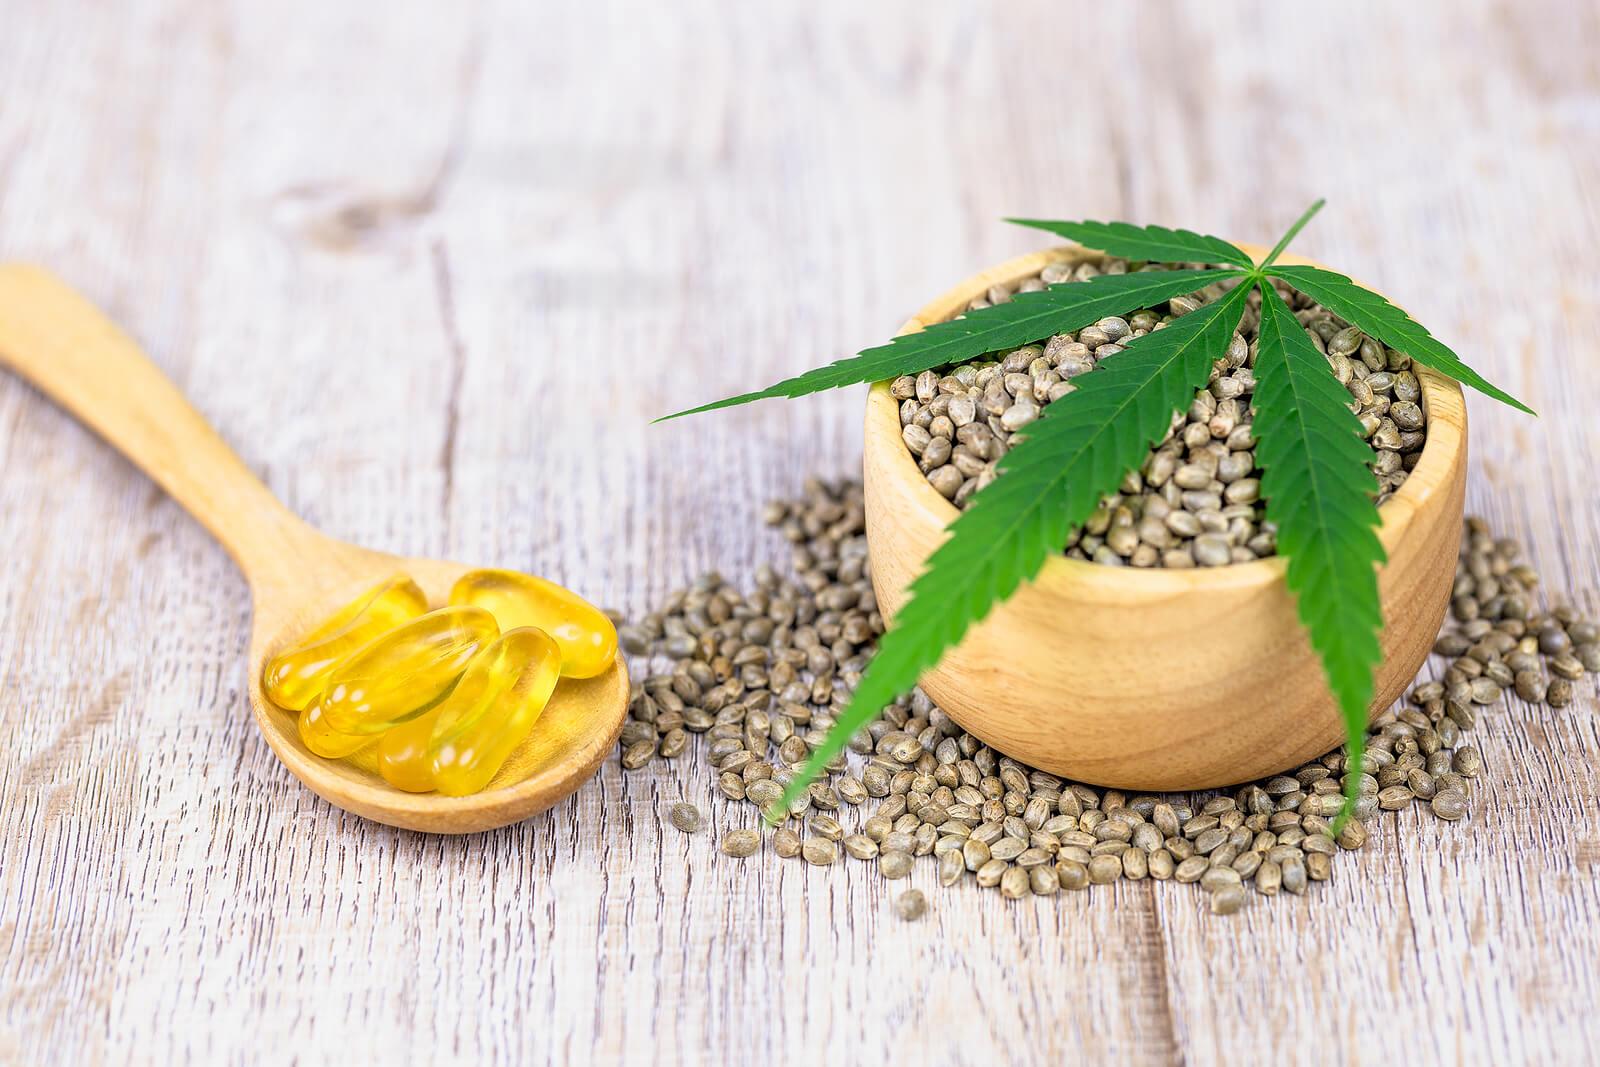 Buy Marijuana Seeds In Schenectady